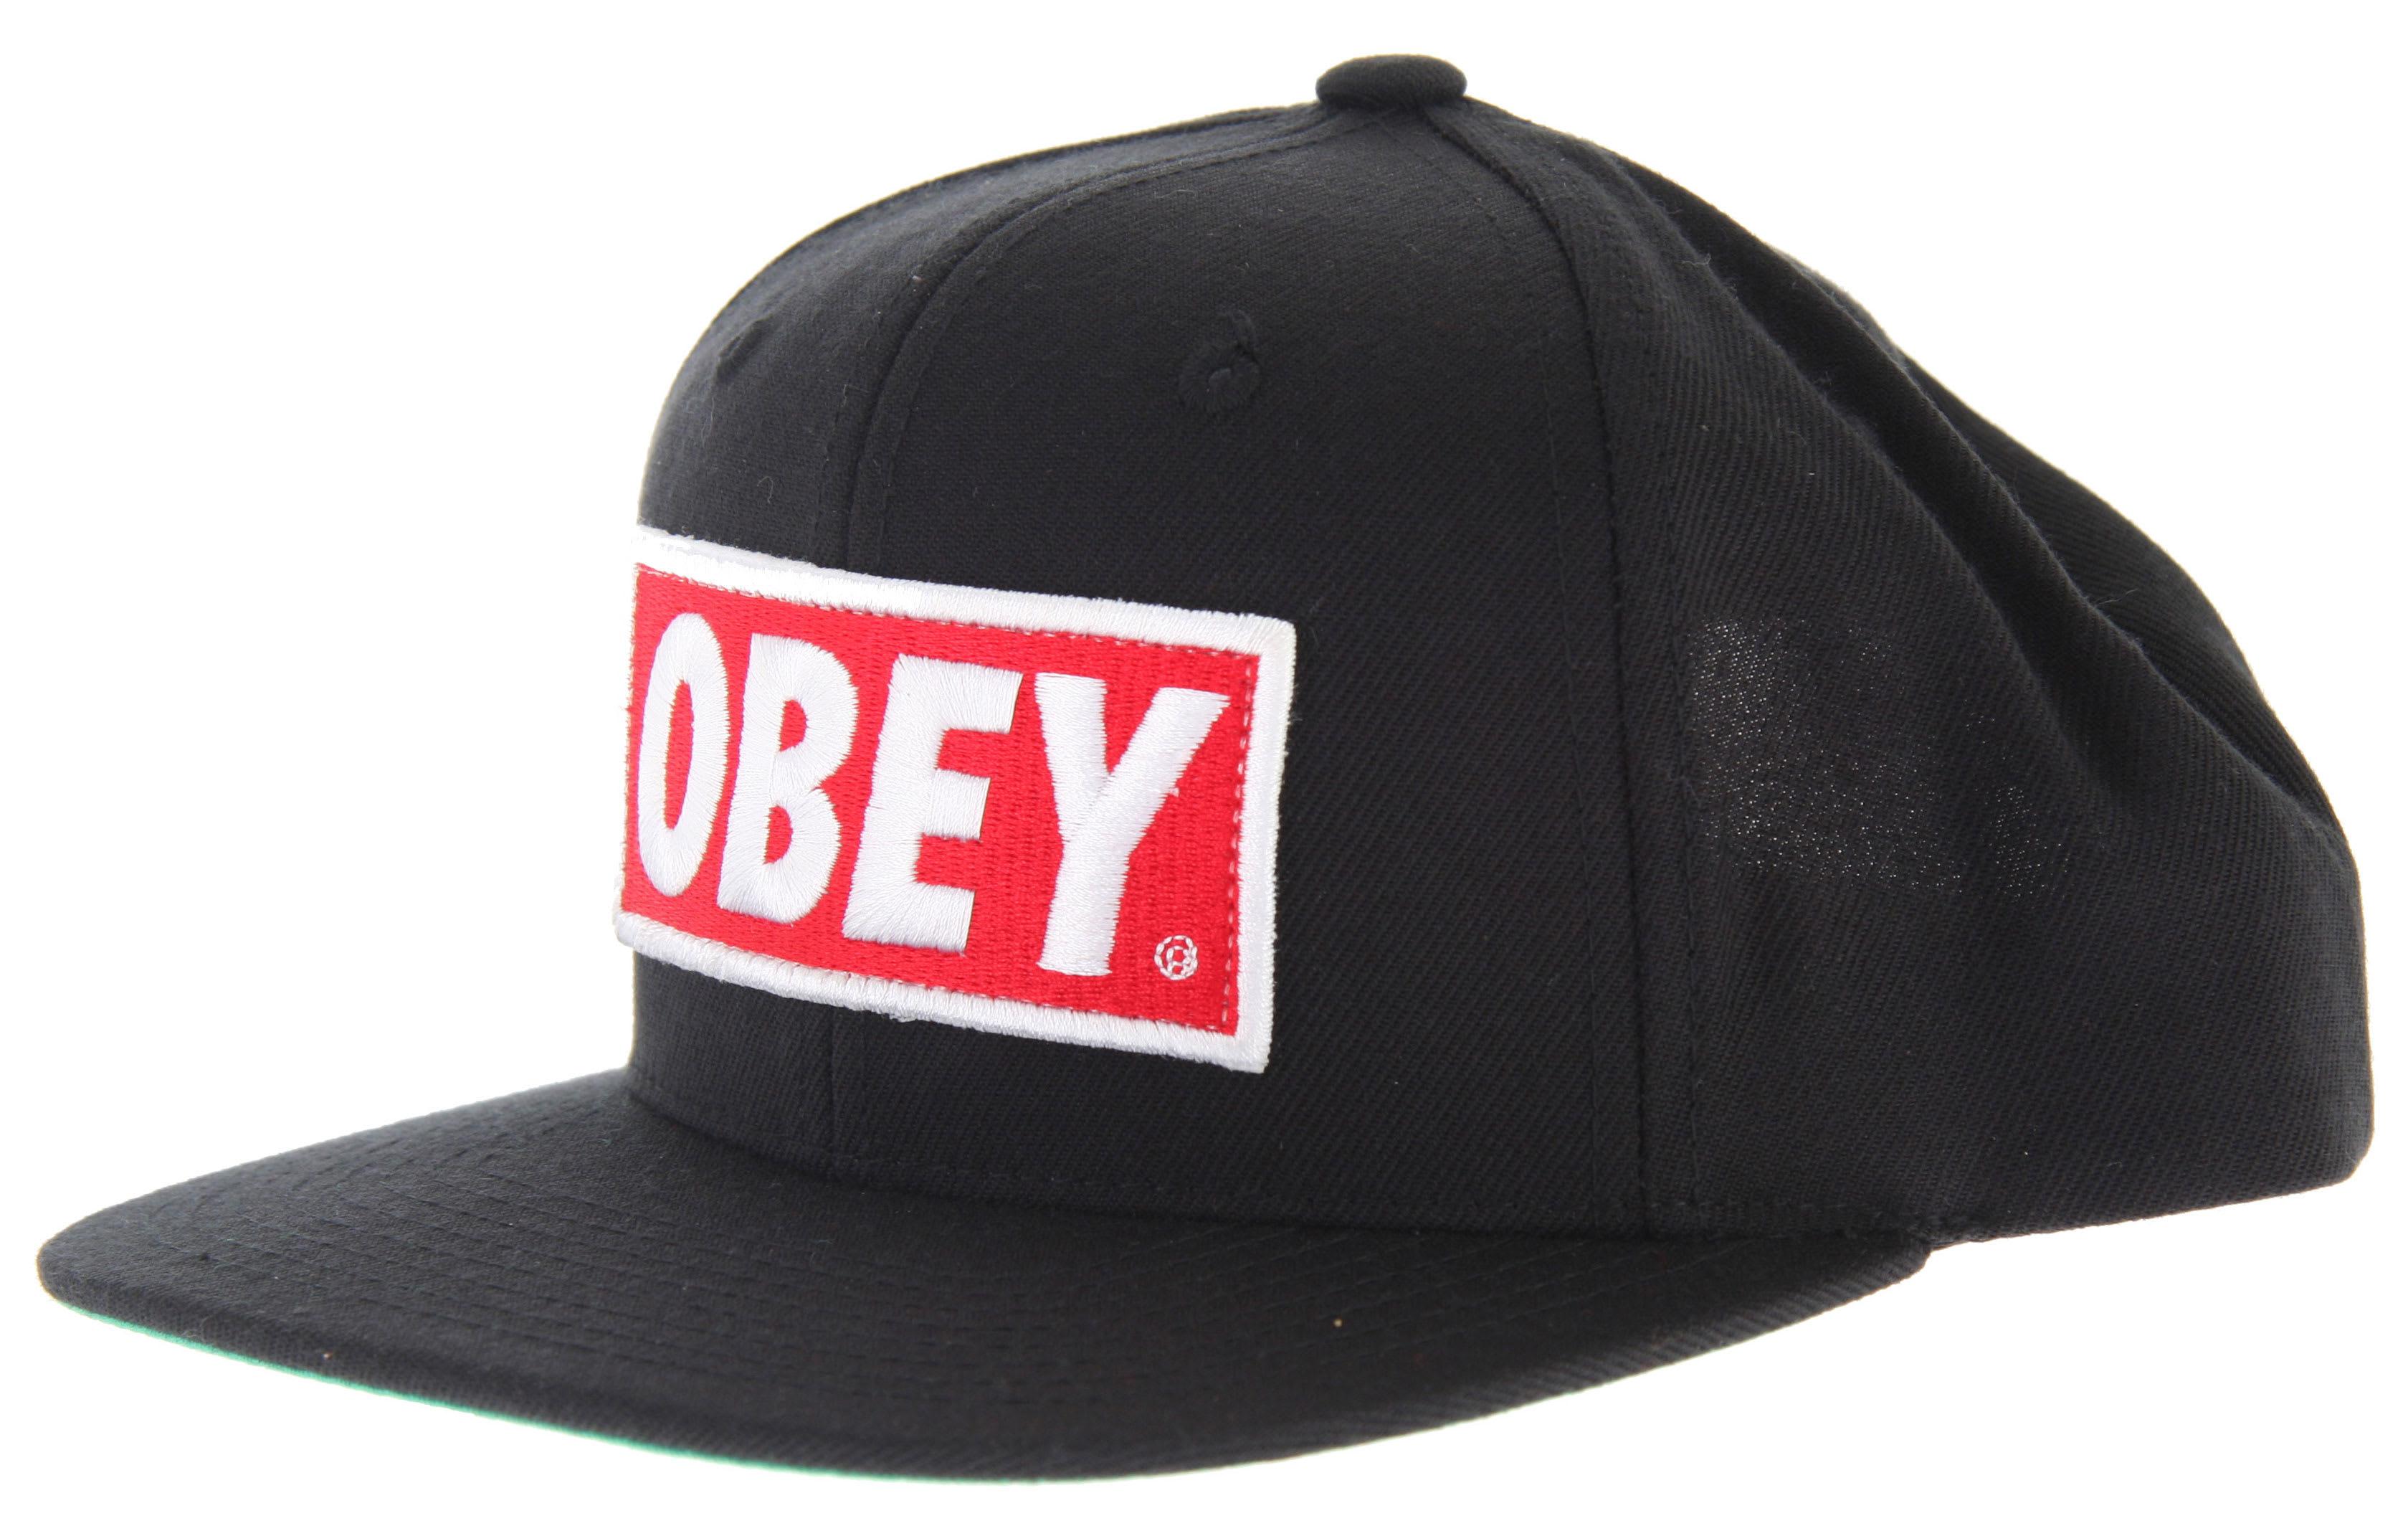 461968e383a Obey Original Hat - thumbnail 2